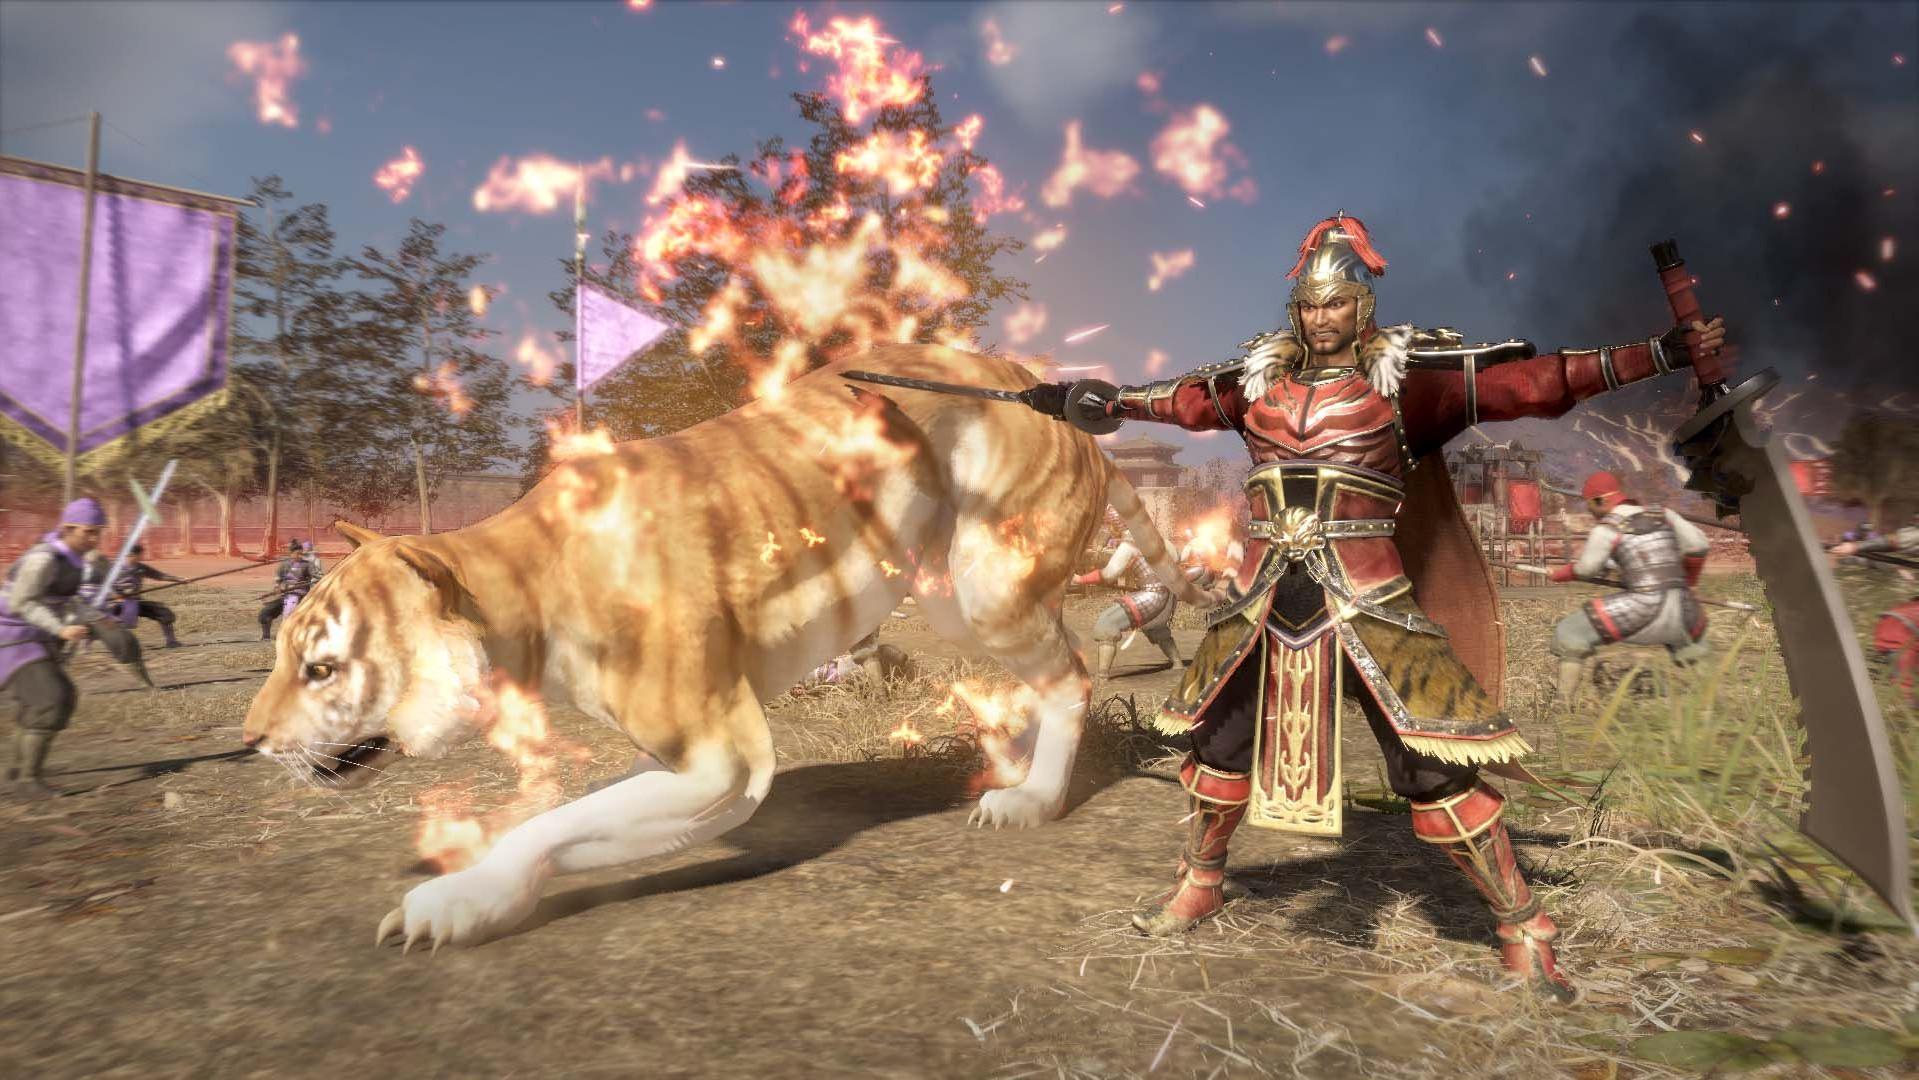 Un guerriero combatte al fianco di una tigre - nerdface